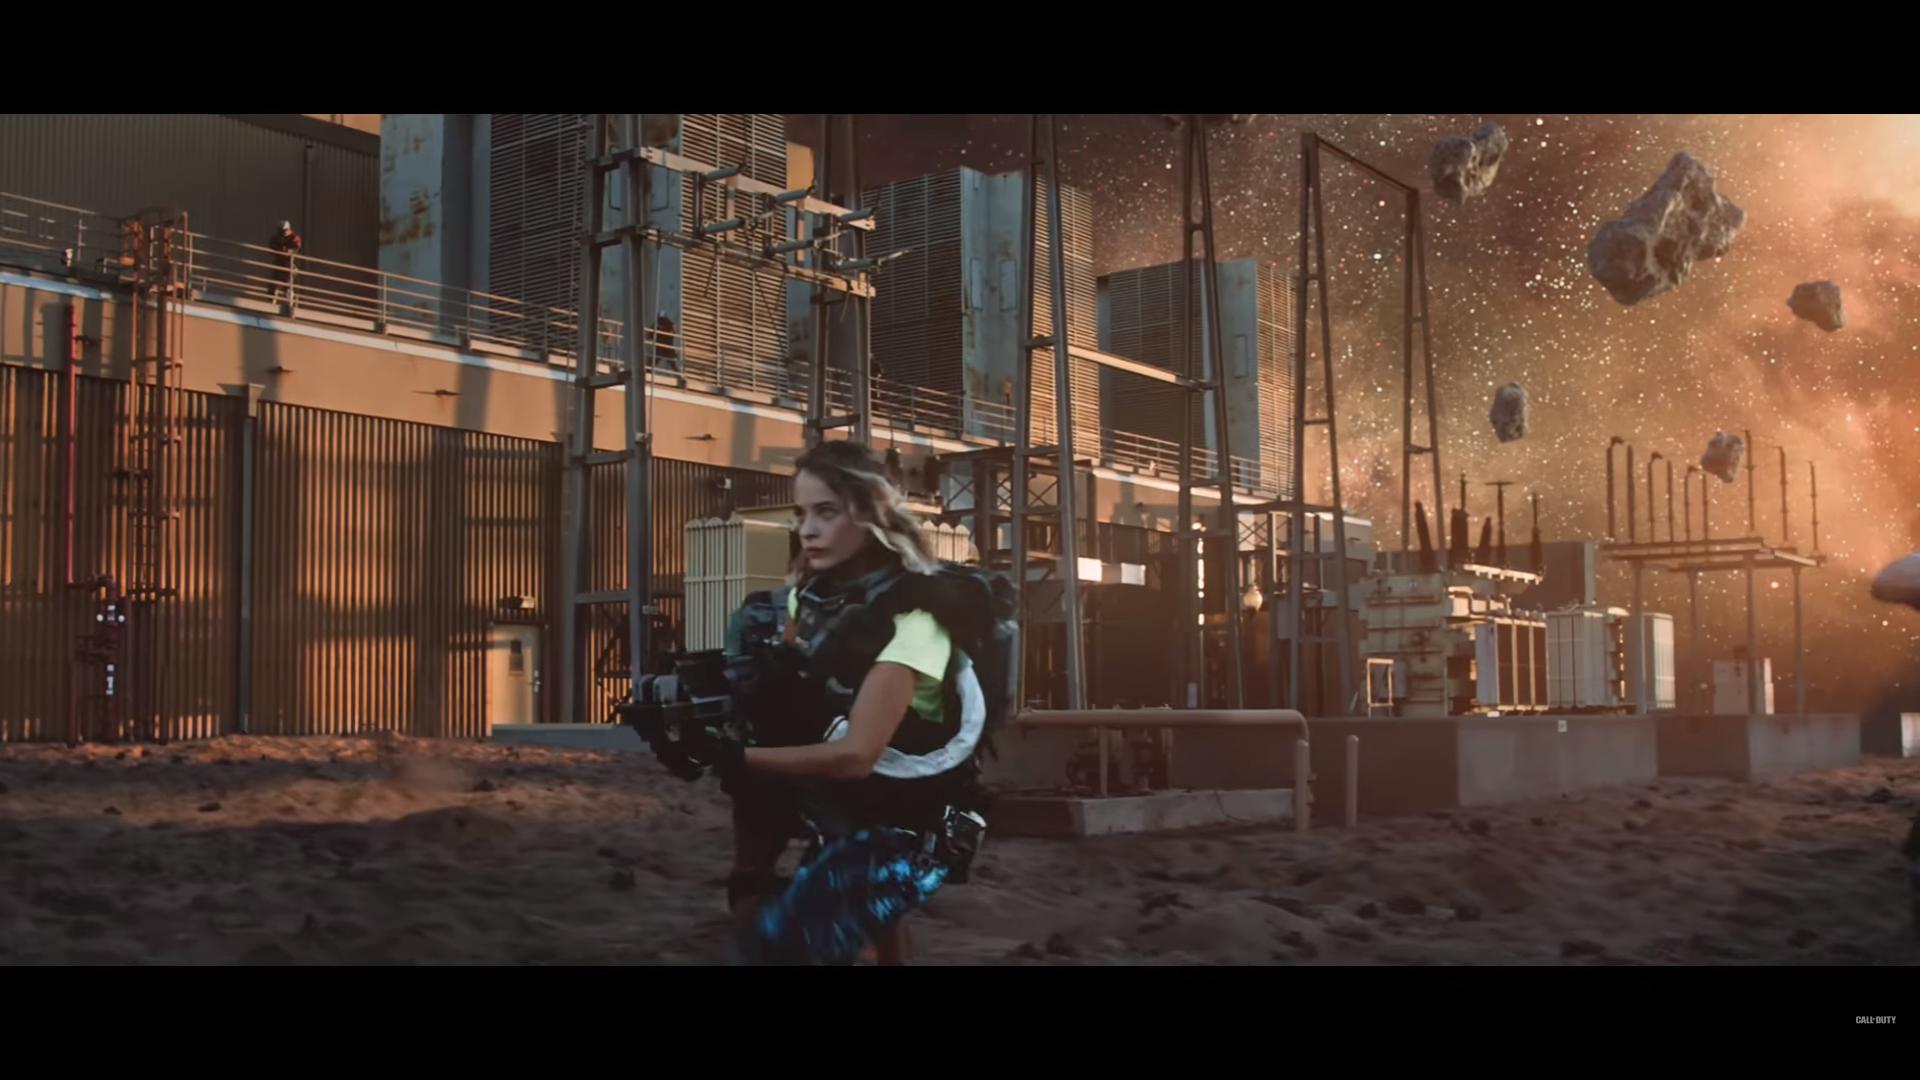 No te pierdas el tráiler de acción real de Call of Duty: Infinite Warfare con Danny McBride y Michael Phelps como protagonistas